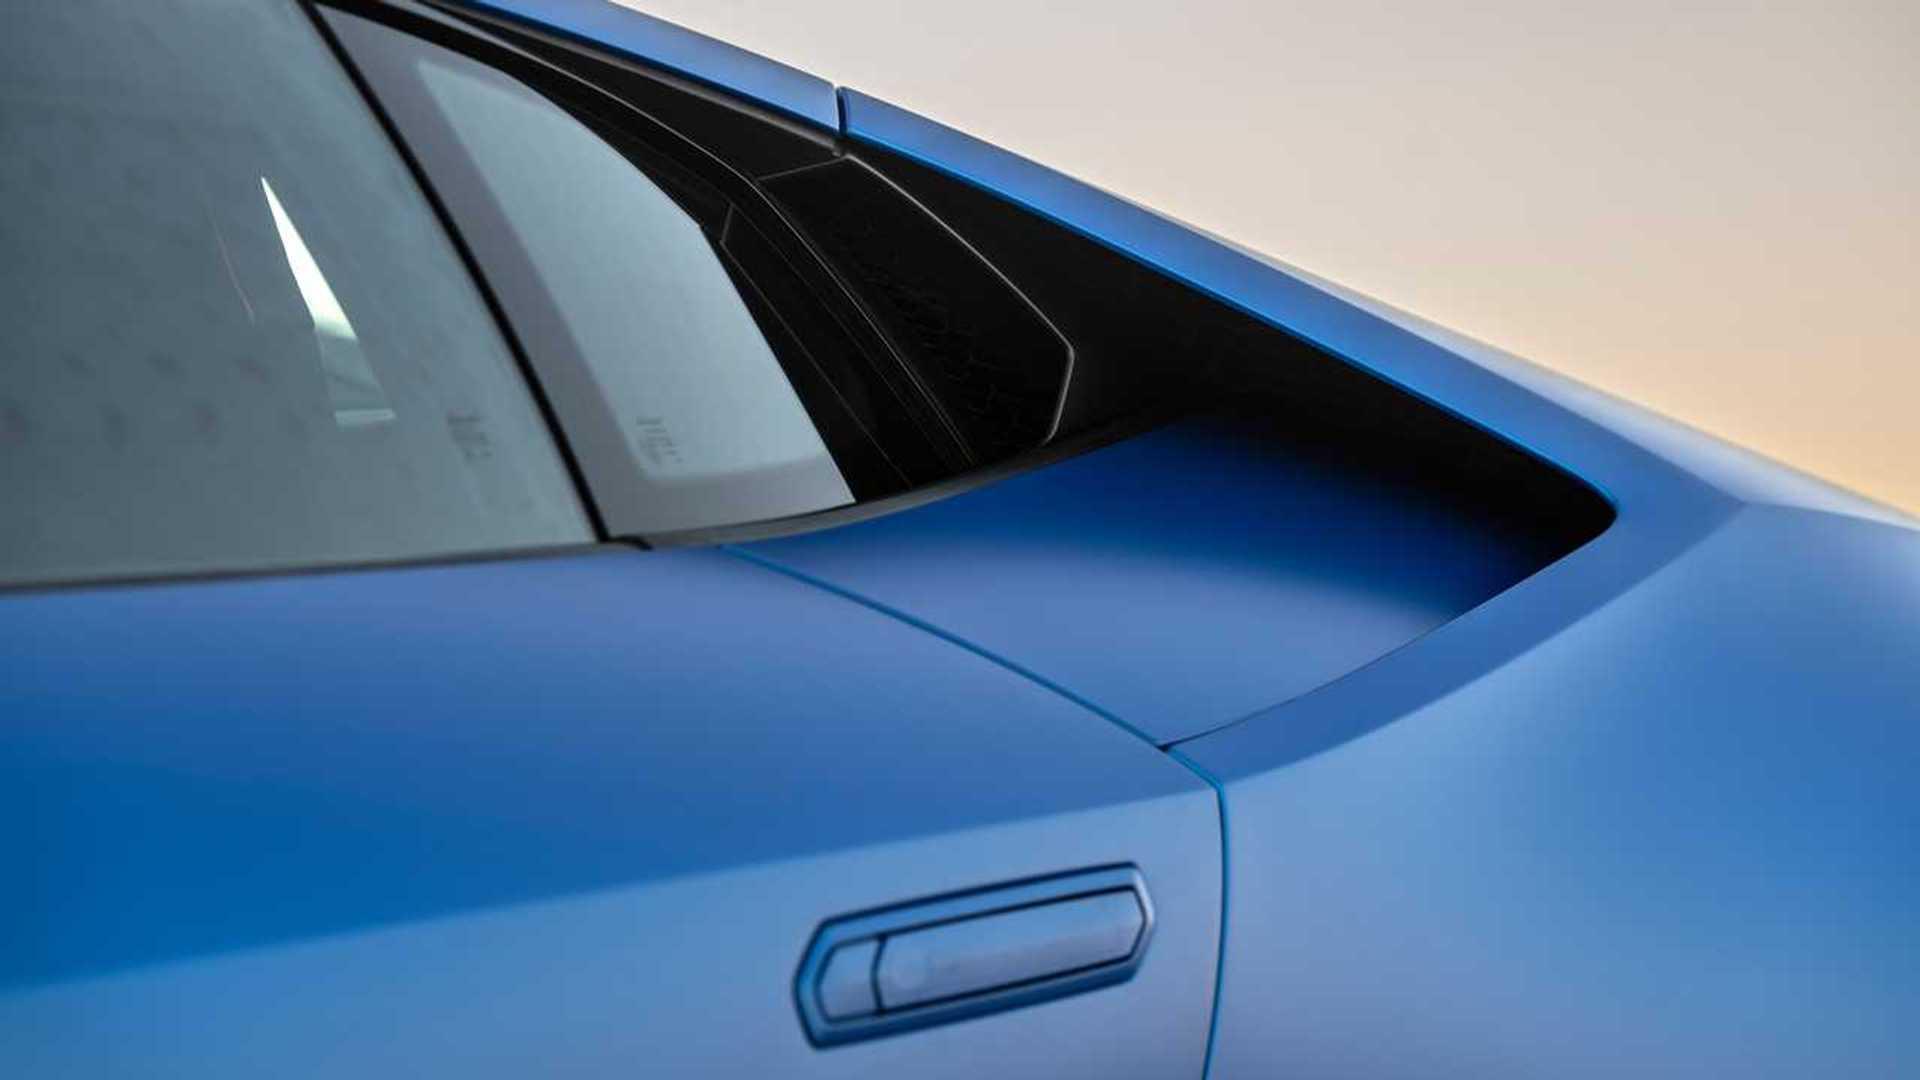 2020 Lamborghini Huracan Evo RWD intake